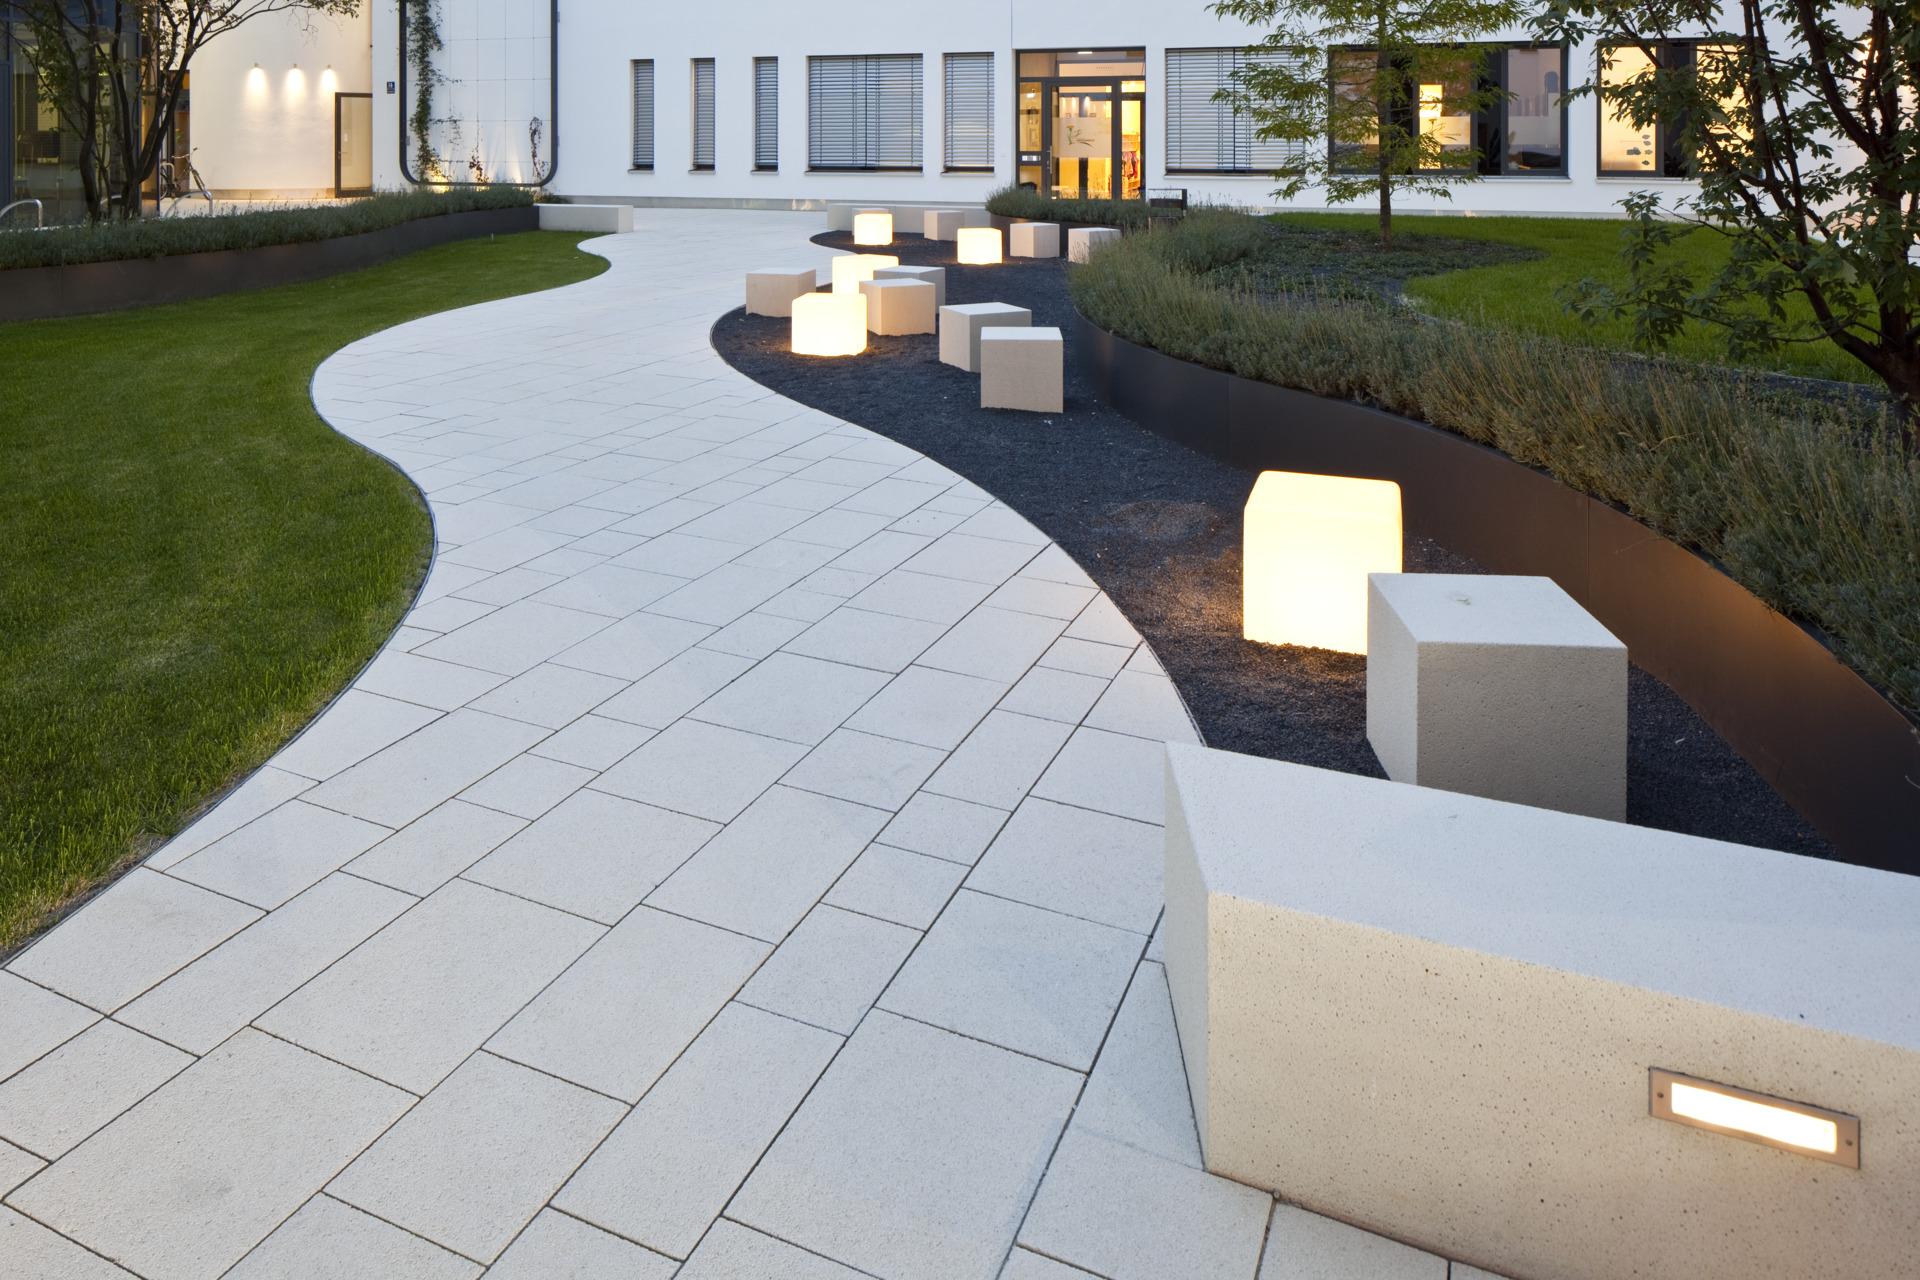 gehwegplatten 30x30 preis: granit gehwegplatten. gehwegplatten